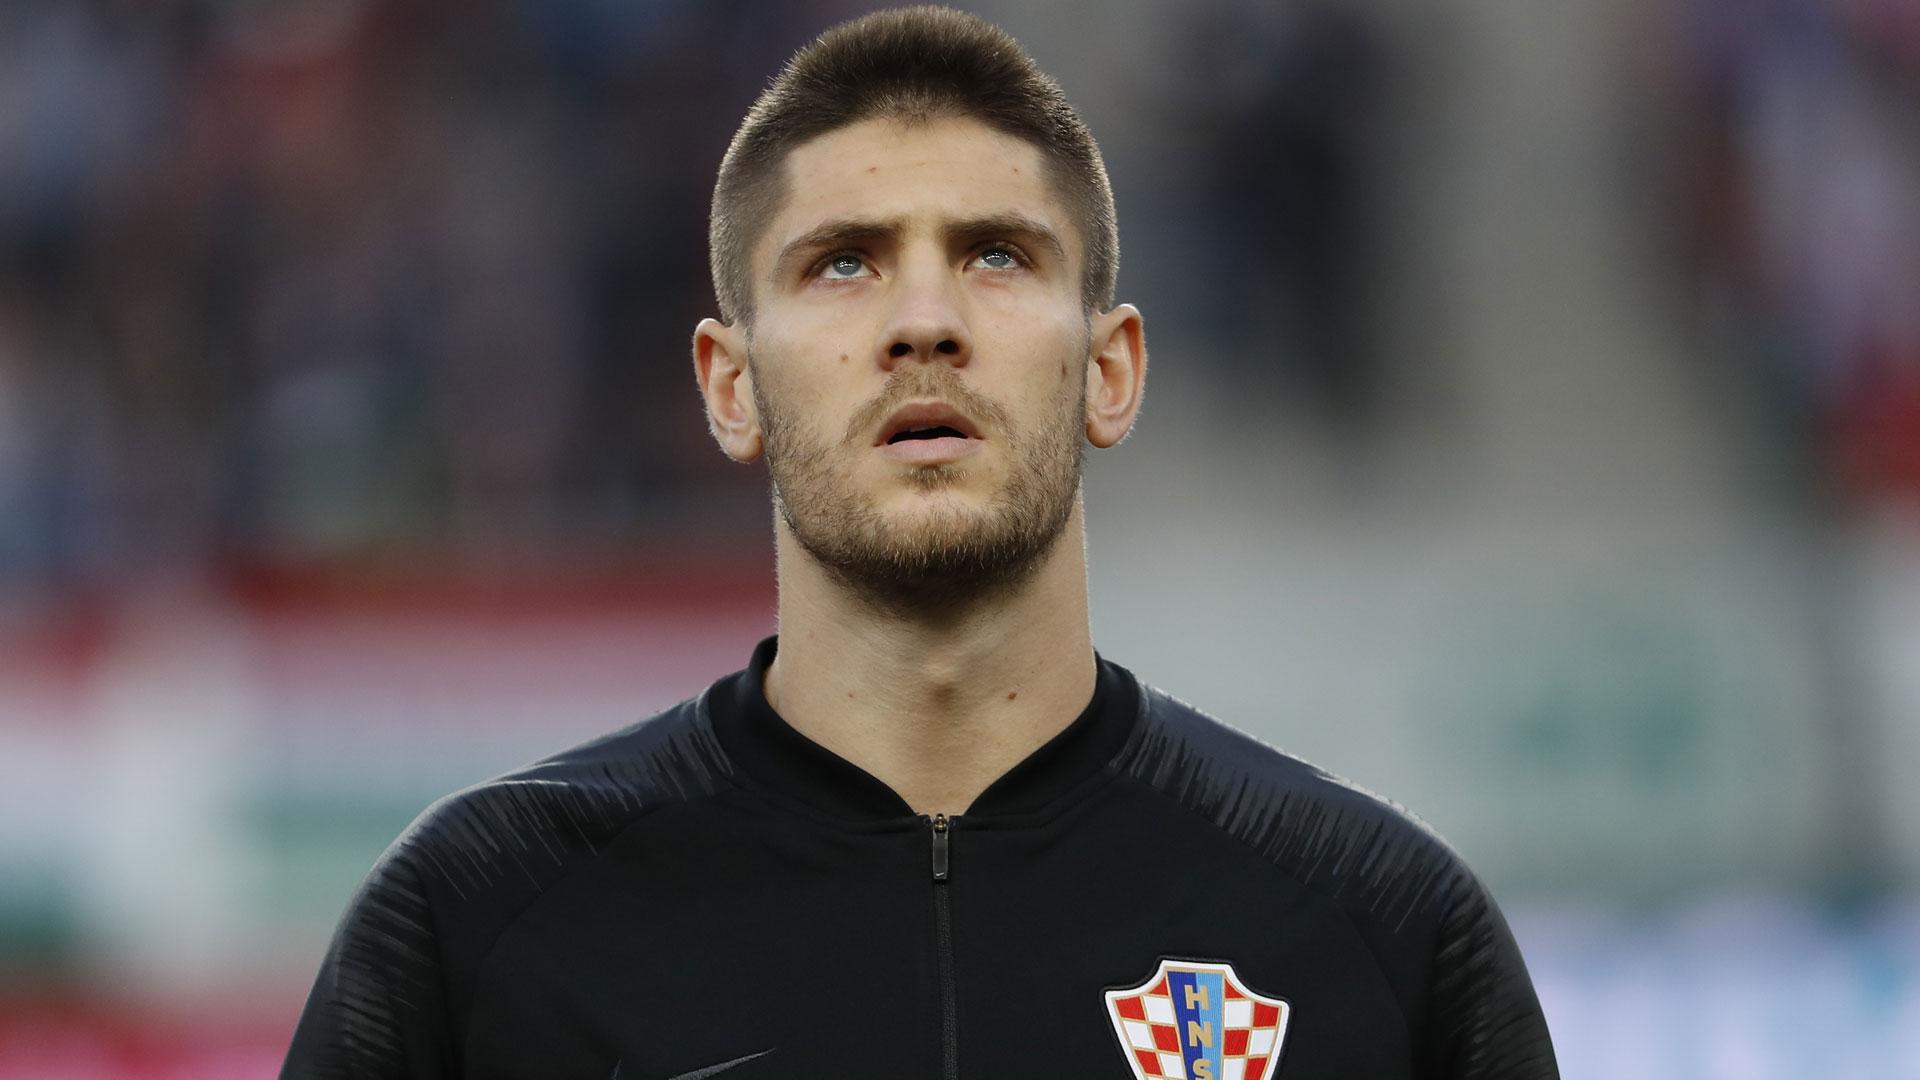 Calciomercato Milan, possibile accordo per Kramaric e Maldini penserebbe a Kabak